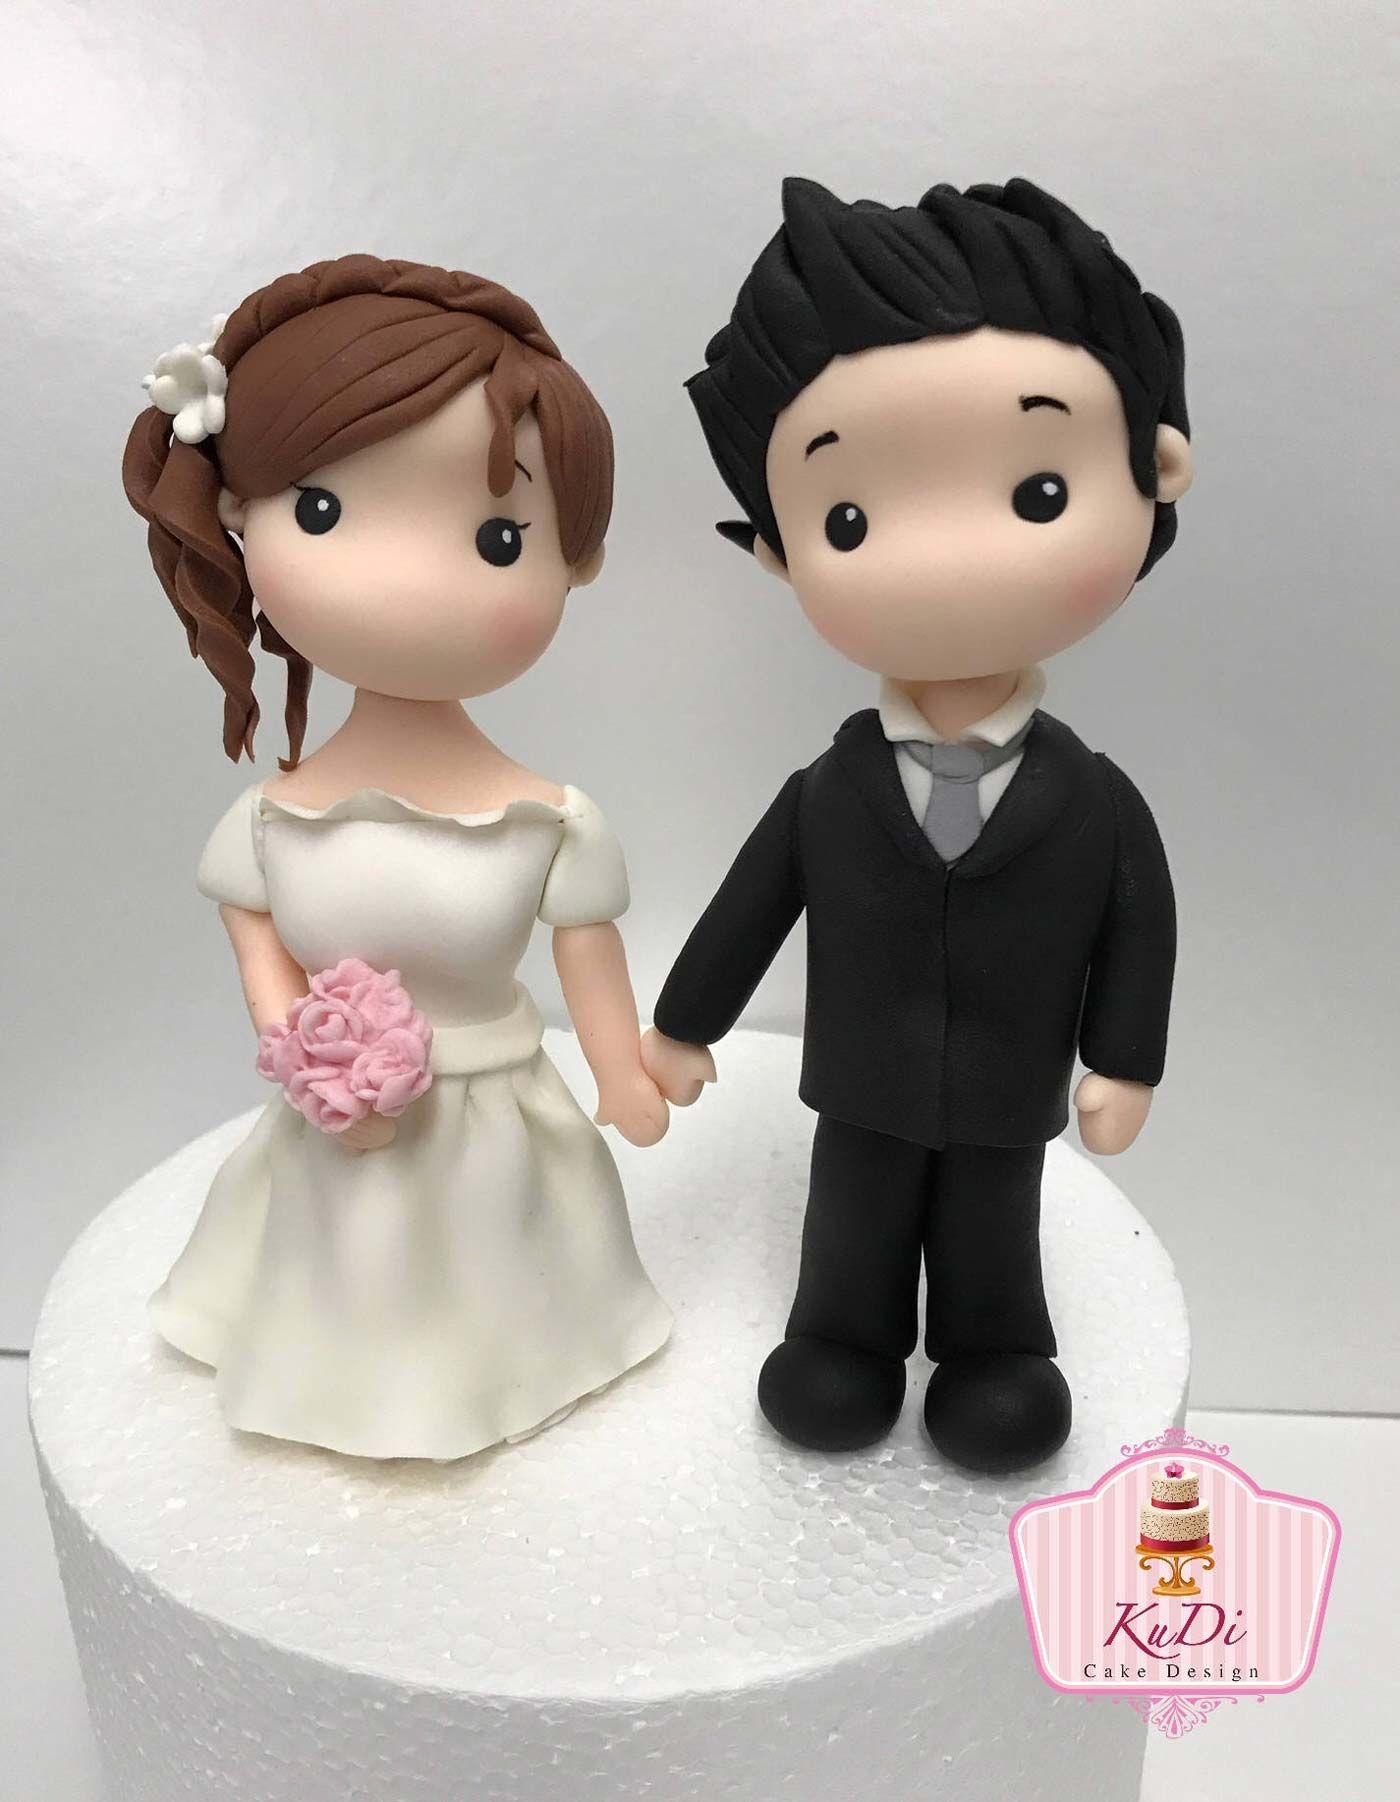 Diese 20 Tortenfiguren Musst Ihr Sehen Hochzeitstorte Figuren Hochzeit Torte Figuren Tortenfiguren Hochzeit